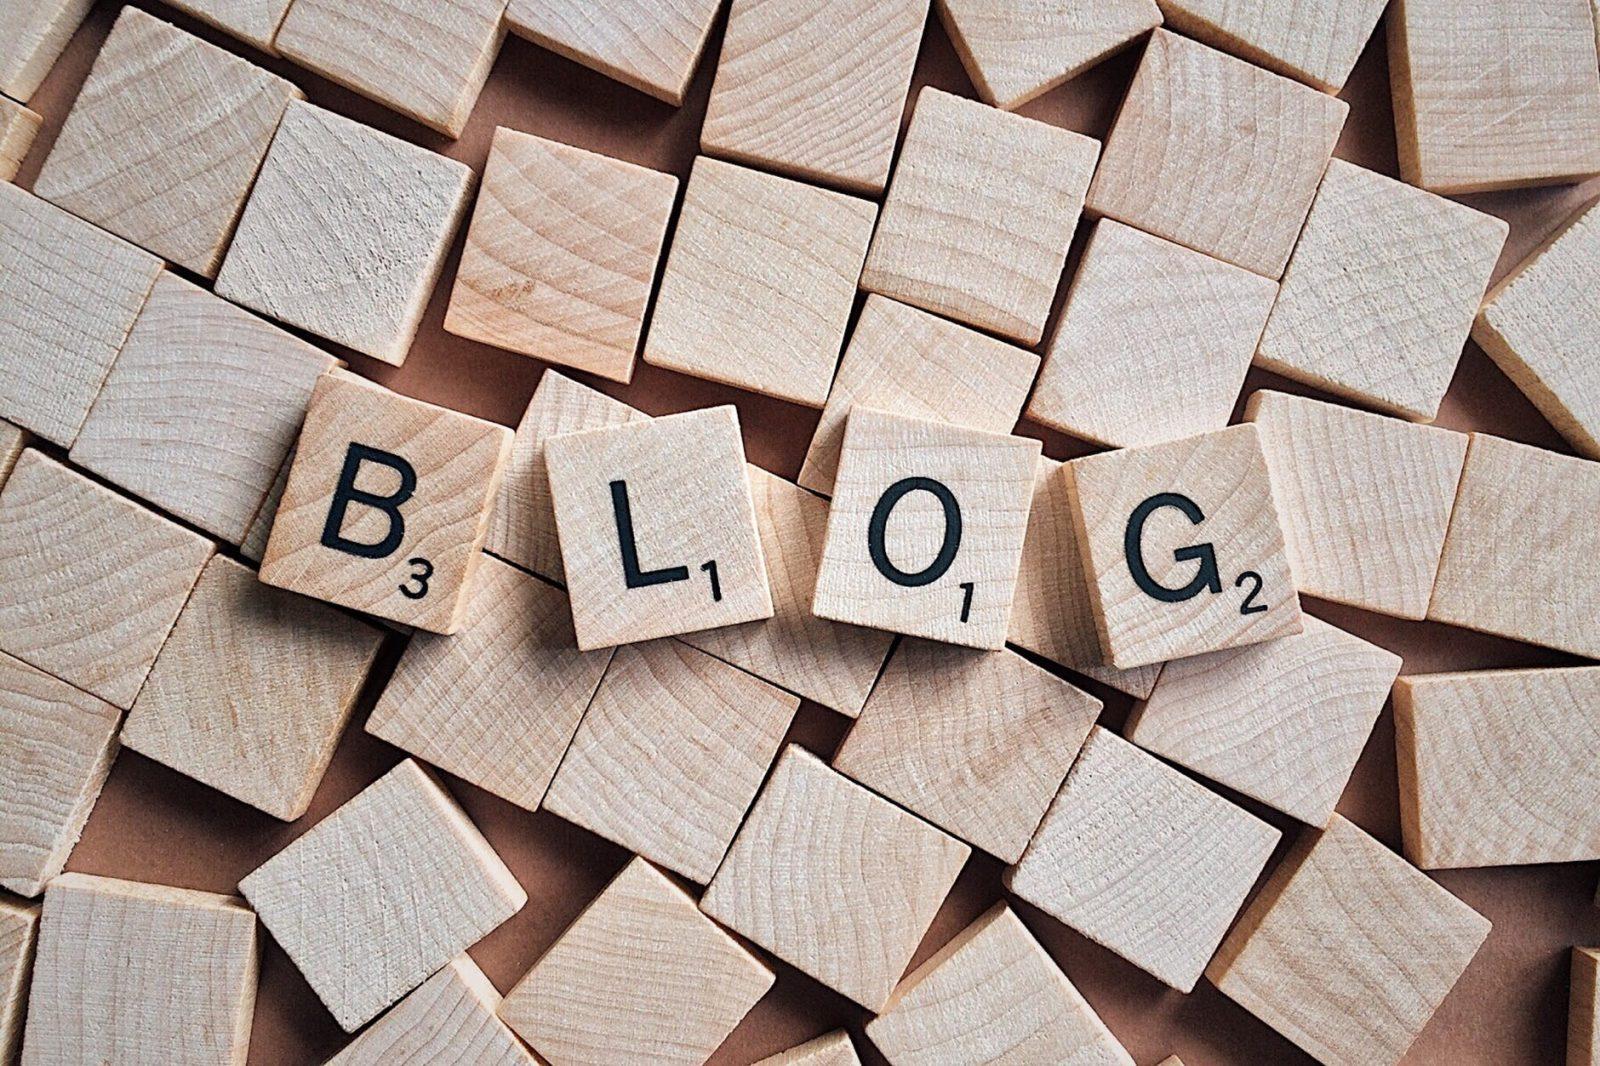 איך להרוויח כסף בעזרת הבלוג שלך